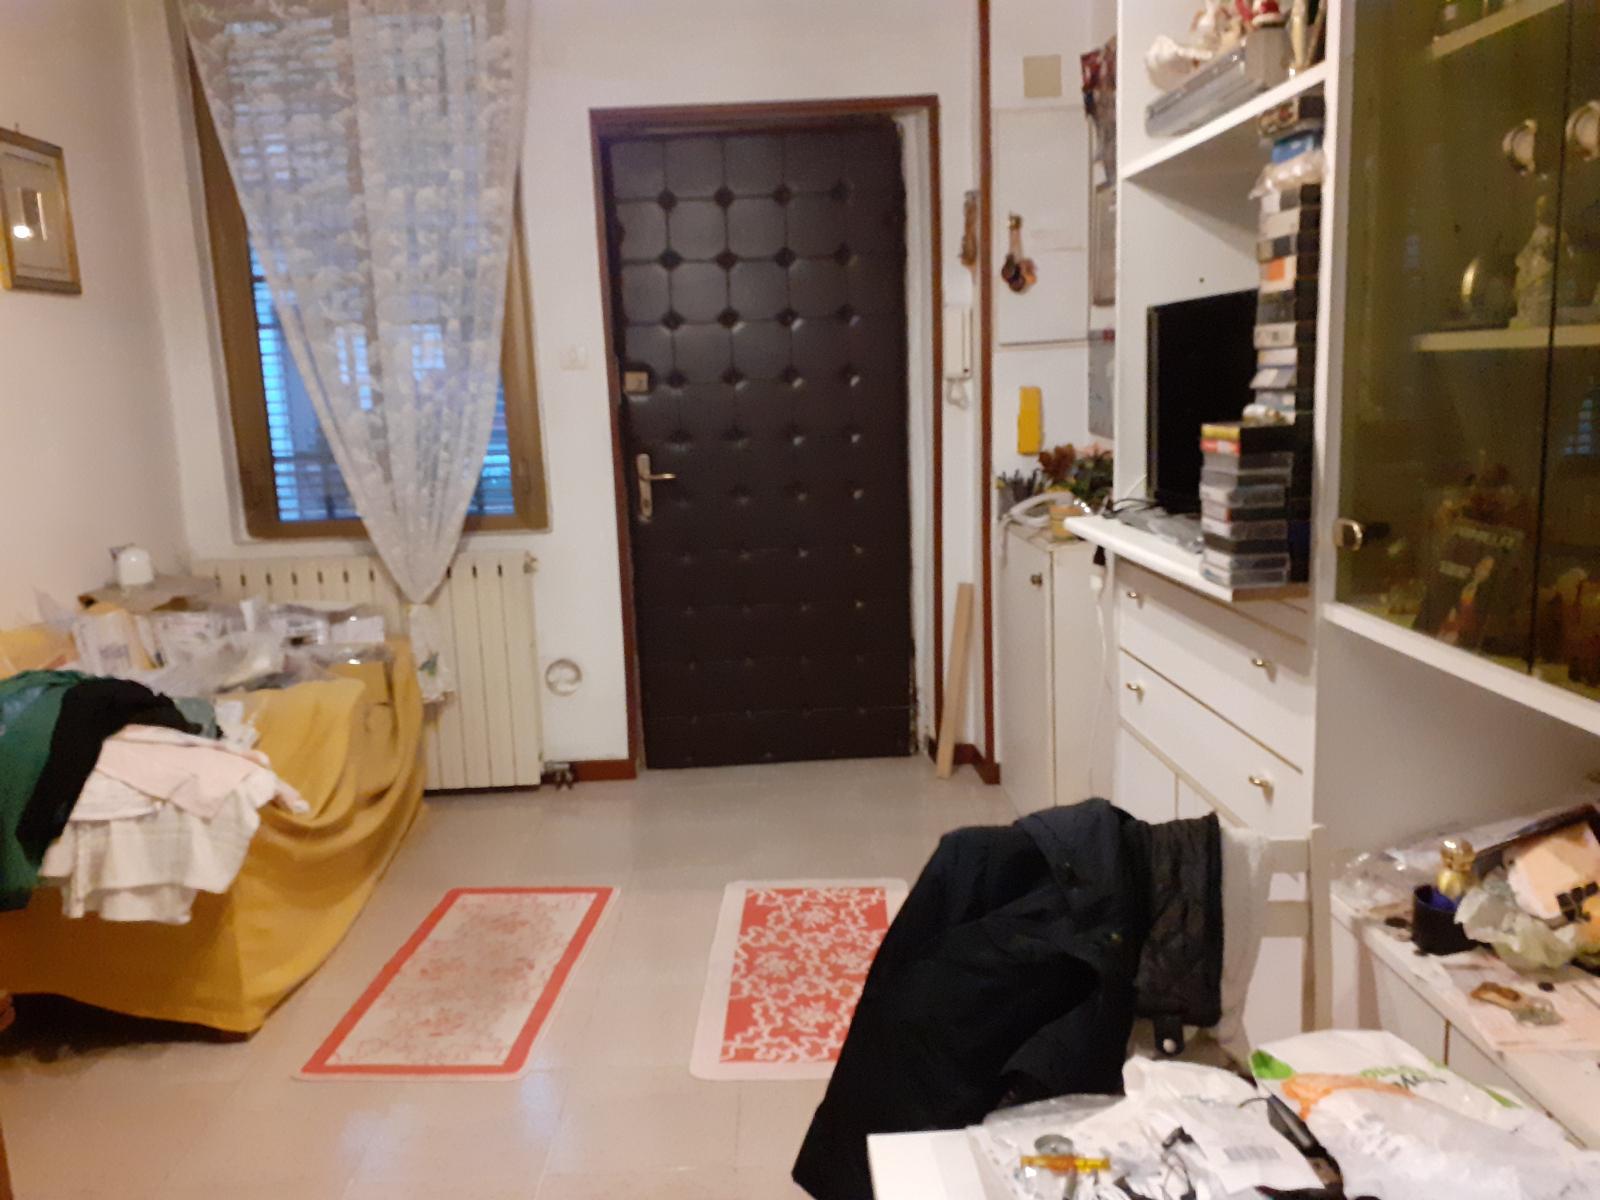 appartamento-in-vendita-a-baggio-milano-2-locali-bilocale-spaziourbano-immobiliare-vende-8